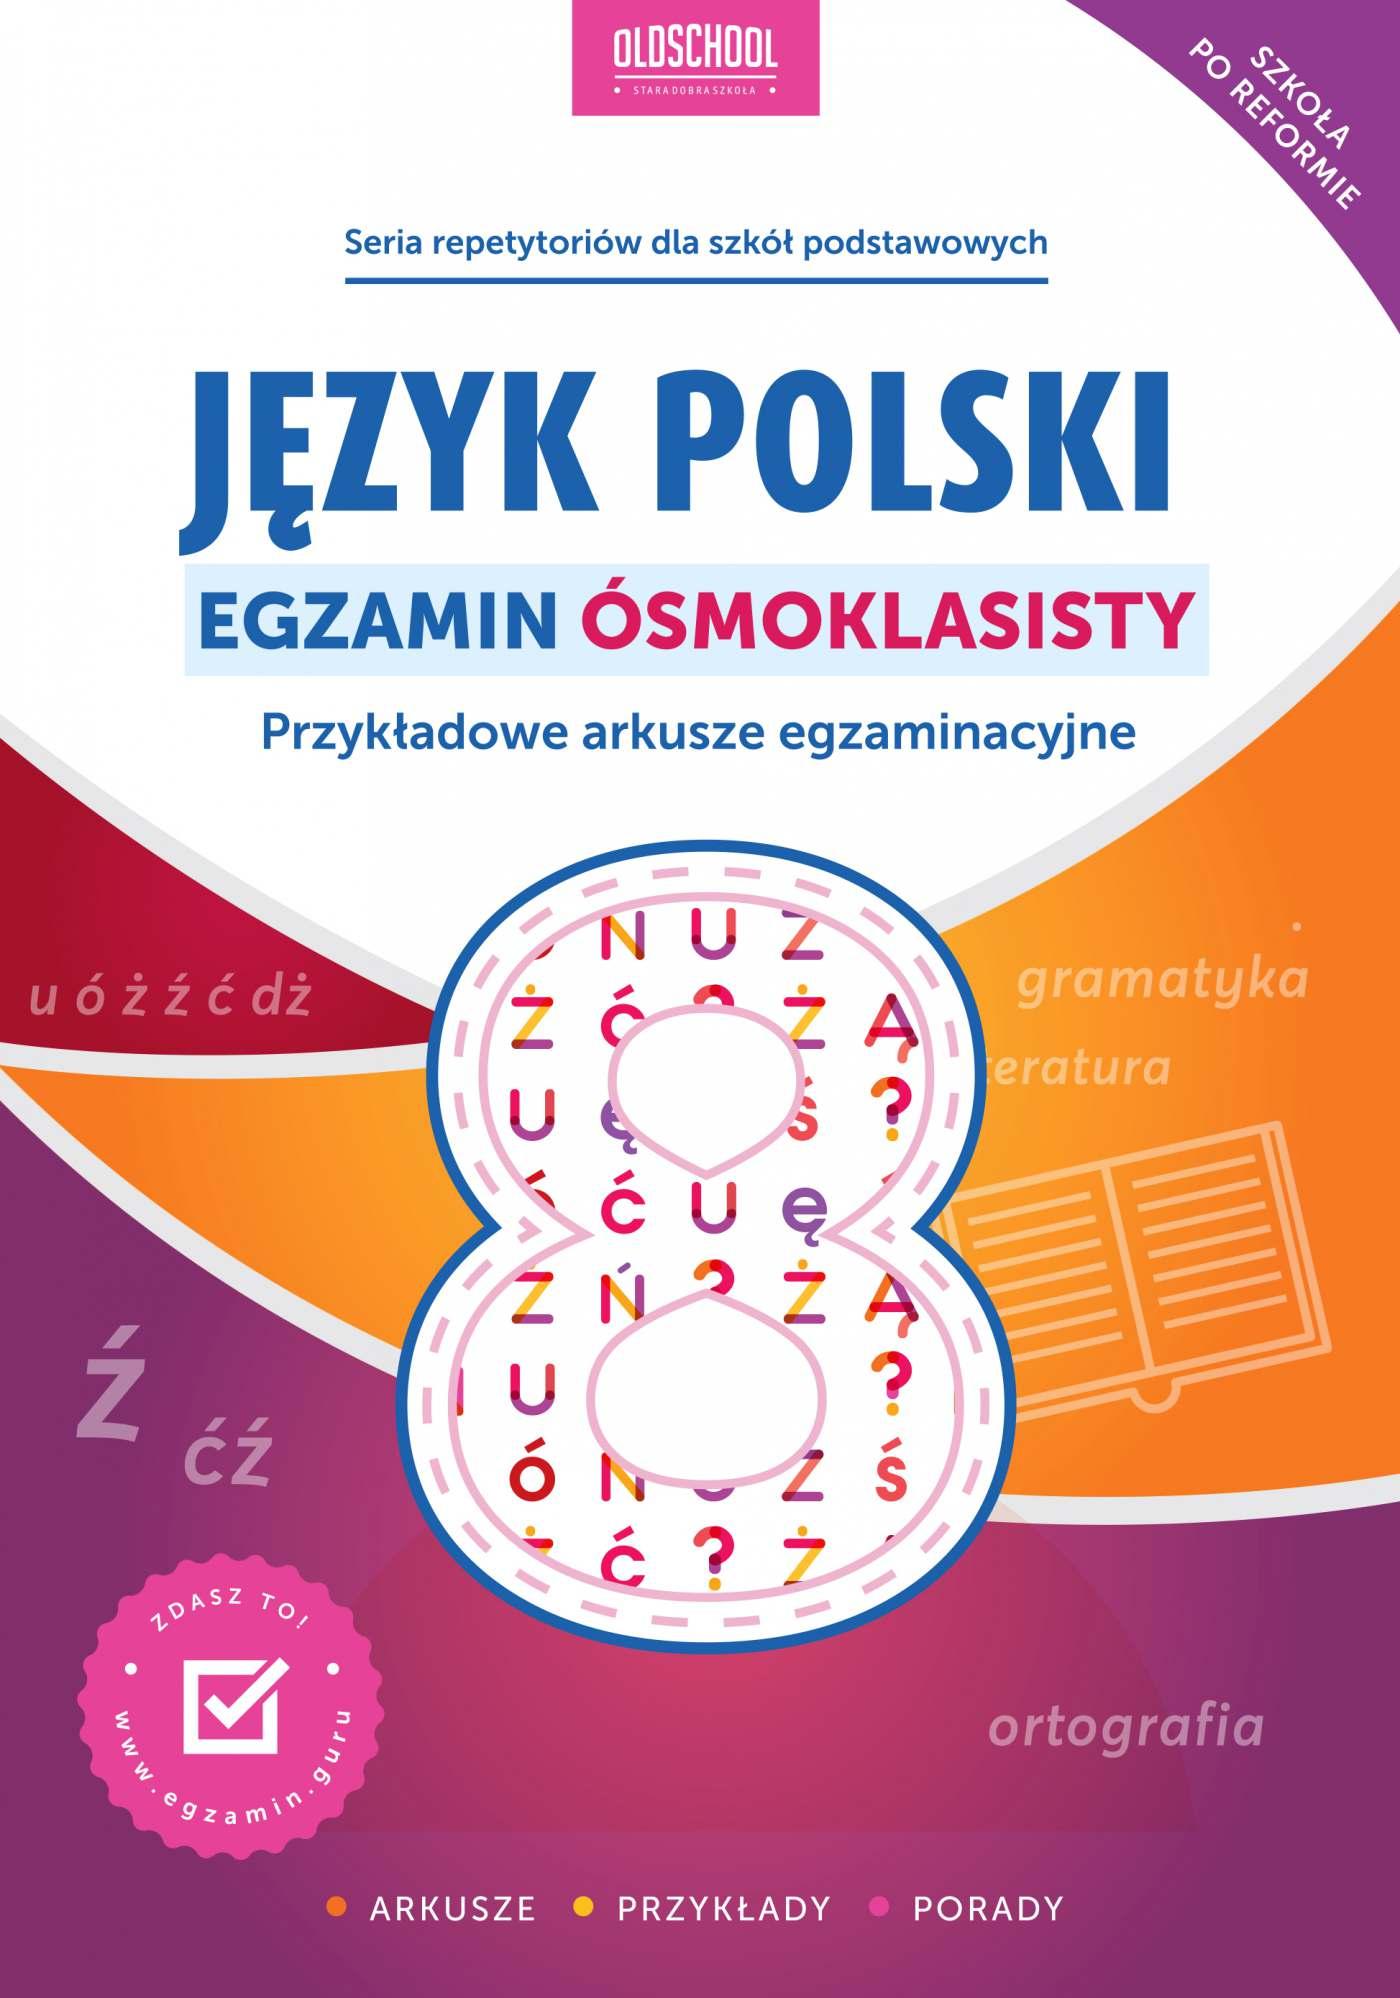 Język polski. Egzamin ósmoklasisty - Ebook (Książka PDF) do pobrania w formacie PDF